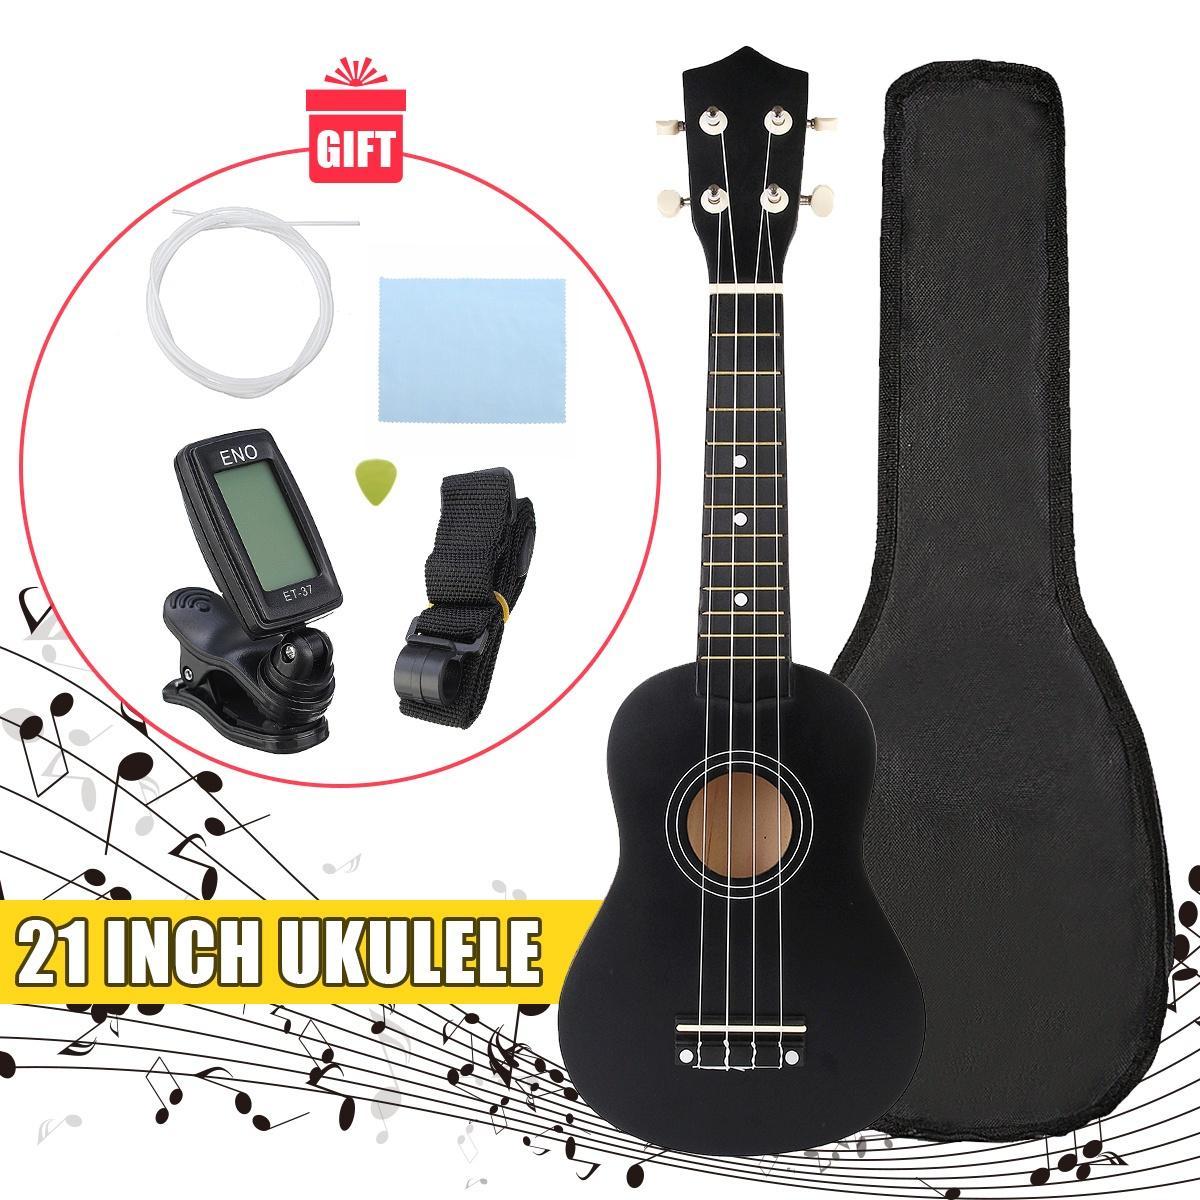 Набор для музыкантов, включающий укулеле, тюнер для настройки, запасные струны, медиатр, ремешок, чехол для хранения и тряпочку для протирки инструмента фото